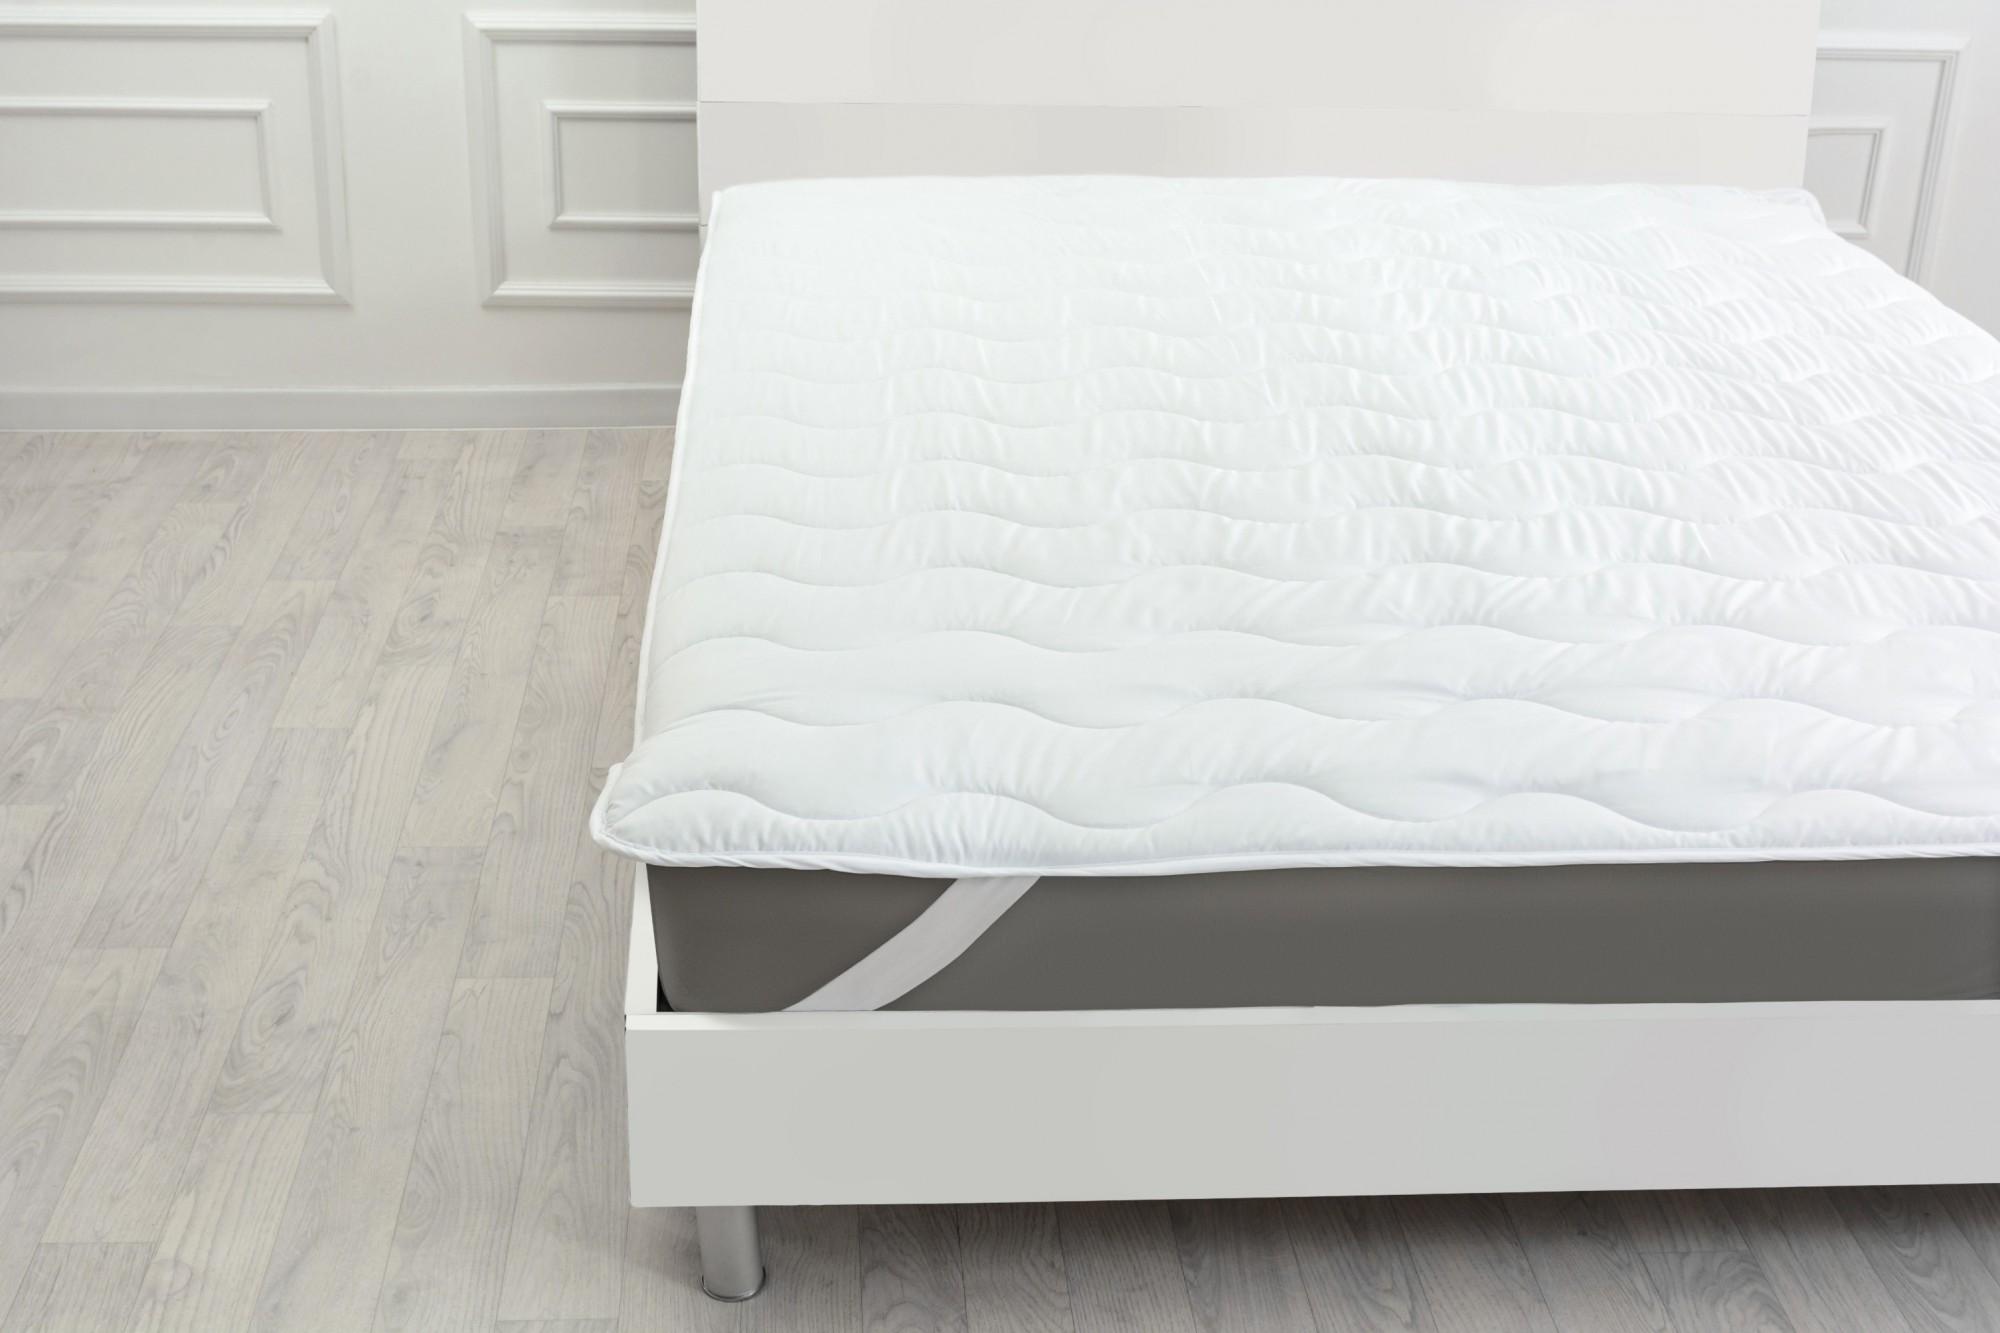 Наматрасник MirSon Silk №1724 150х200 см Eco Light White обычный на резинке по углам